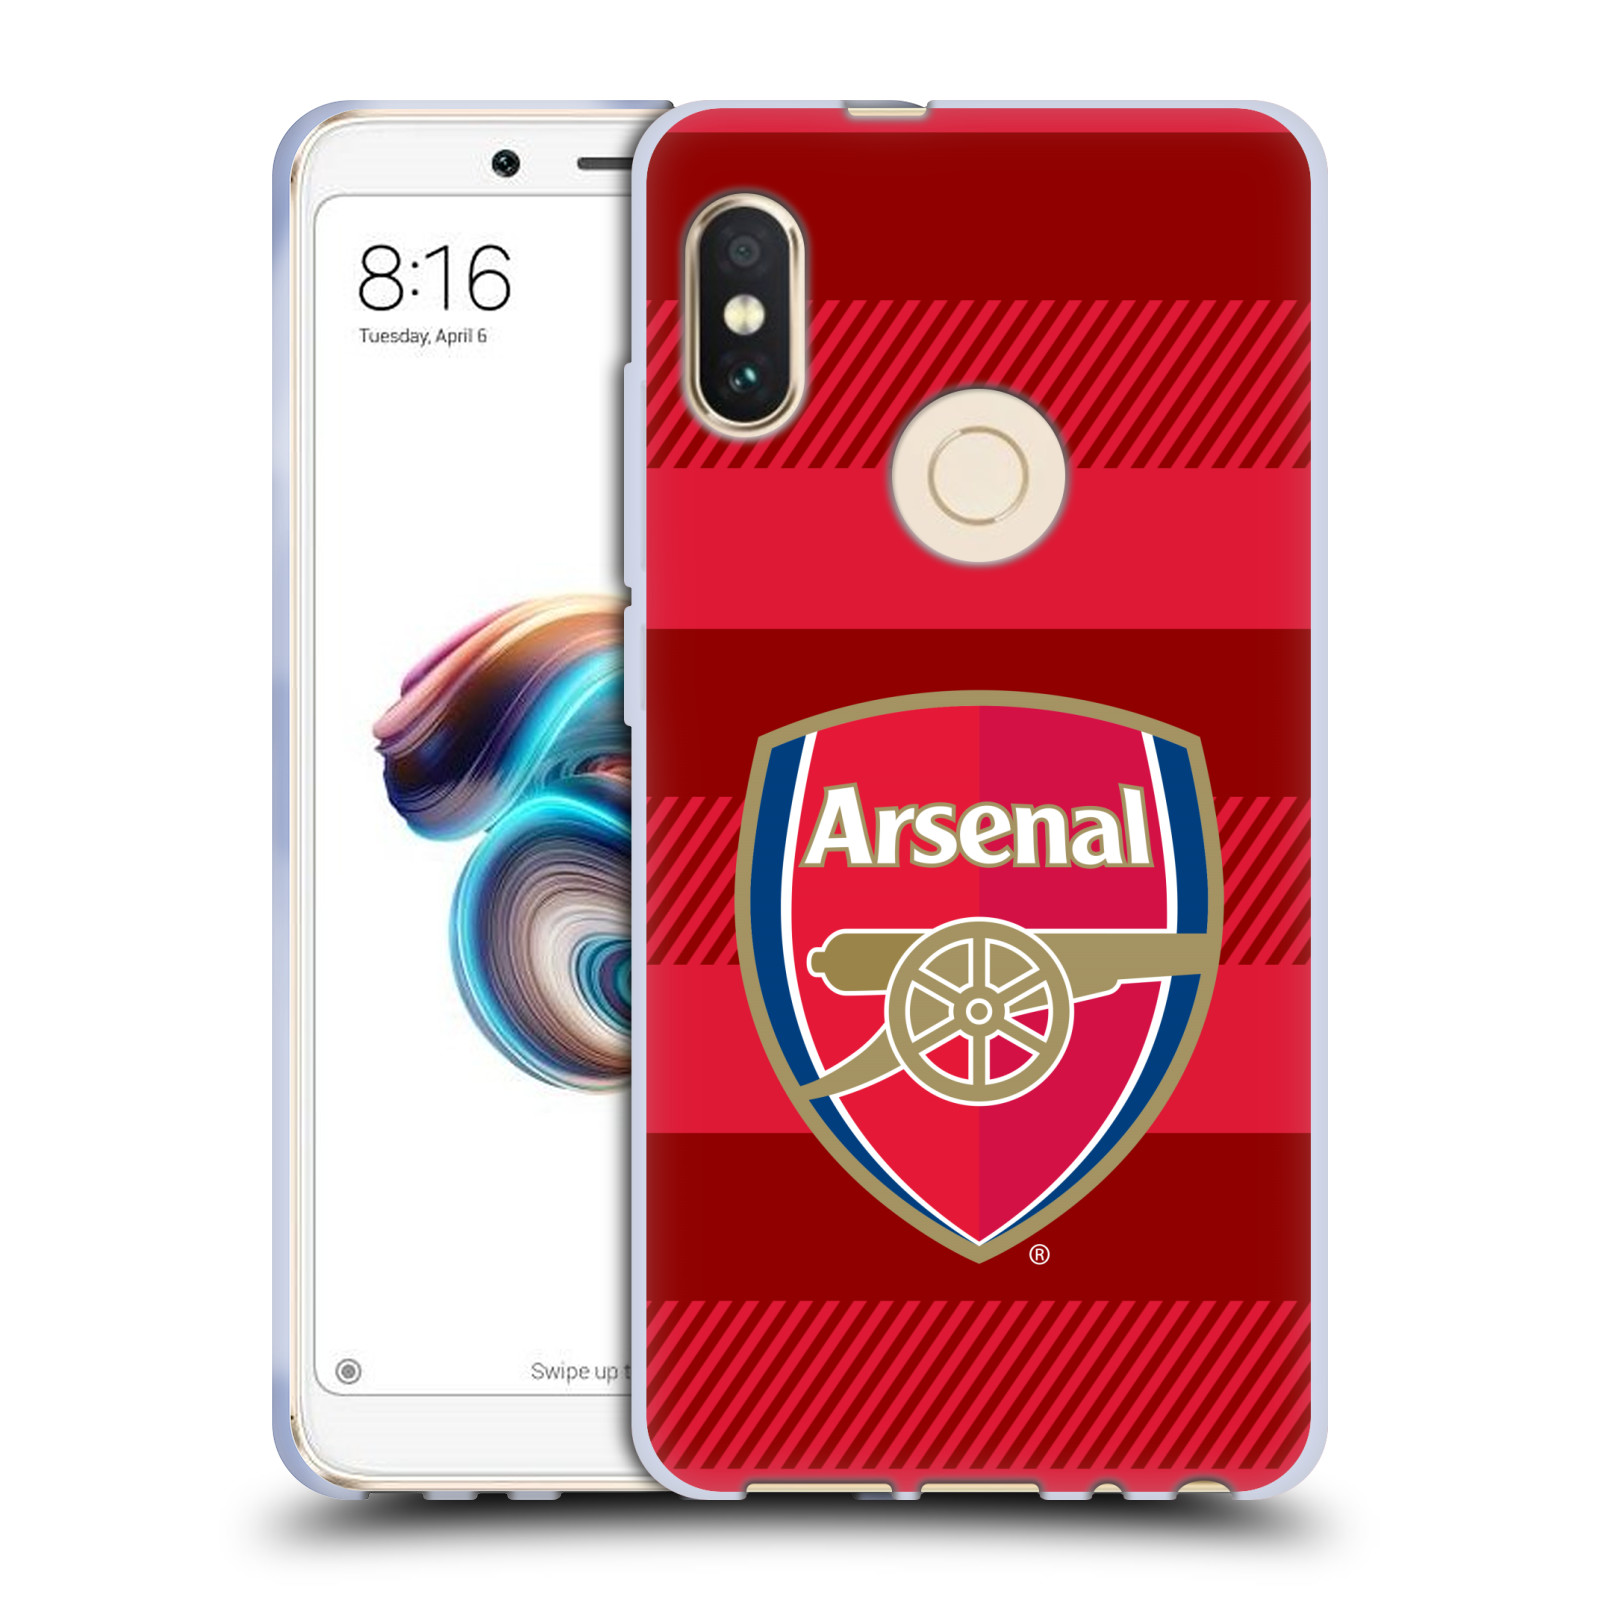 Silikonové pouzdro na mobil Xiaomi Redmi Note 5 - Head Case - Arsenal FC - Logo s pruhy